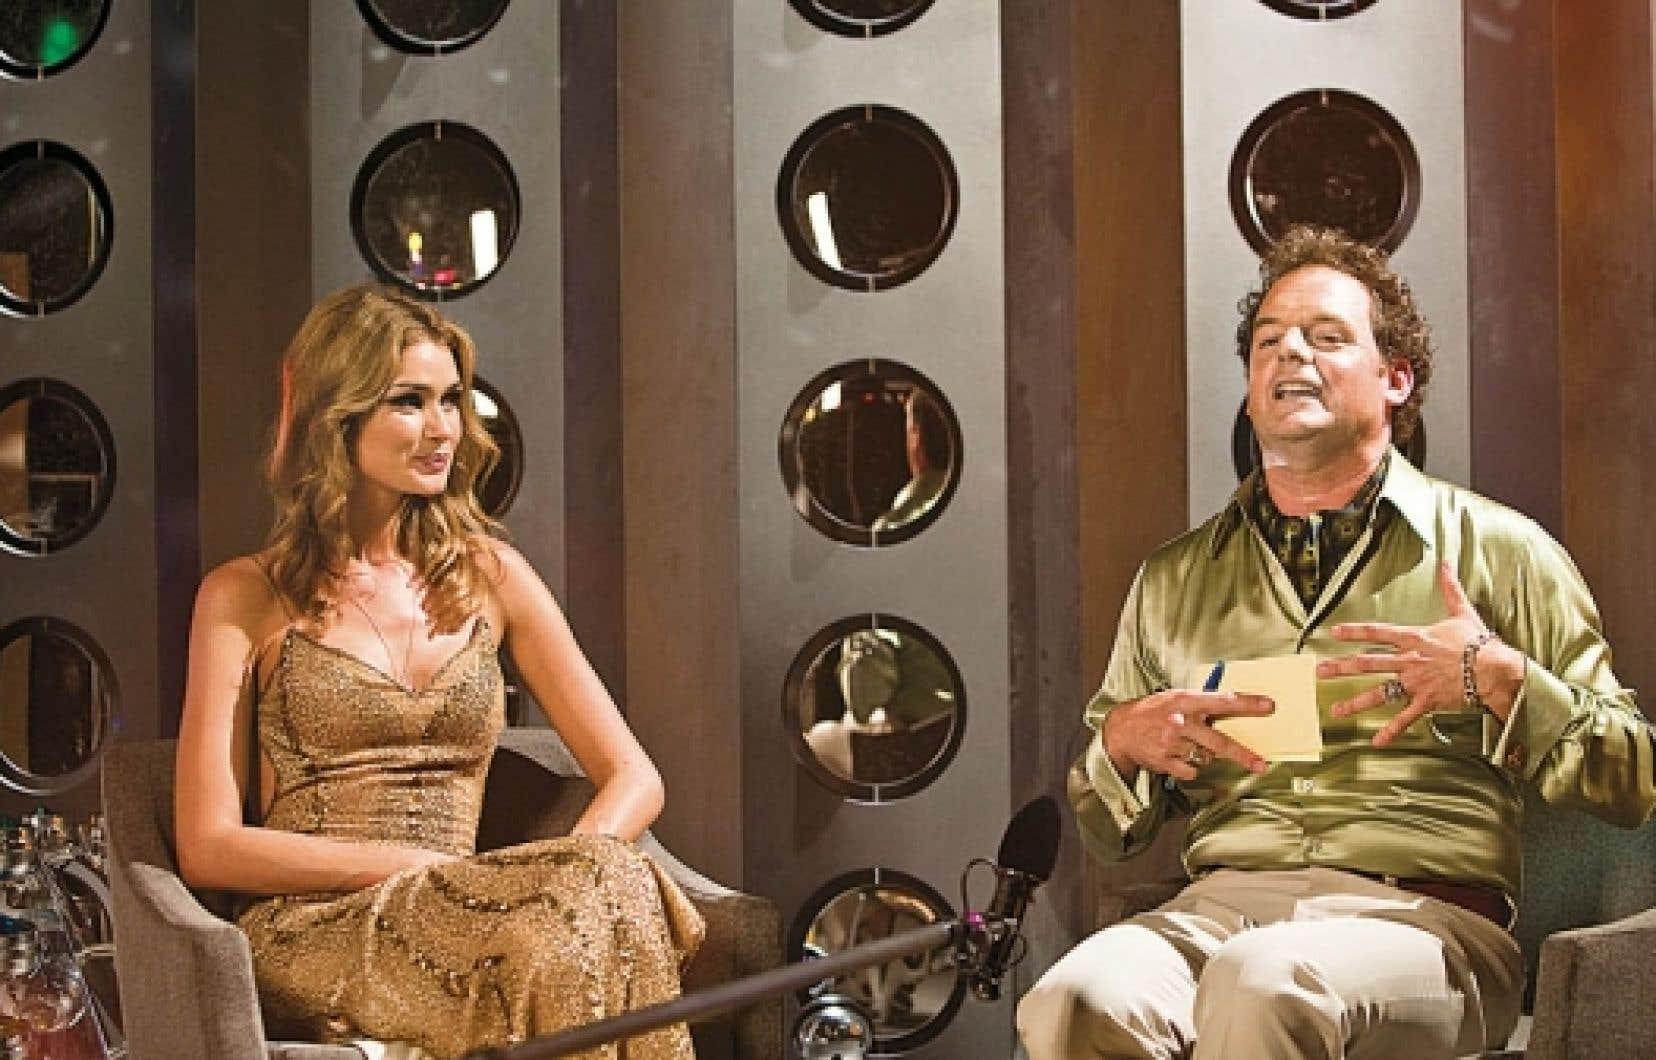 Le clou de la distribution est Paul Doucet (à droite) en grande folle branchée au cœur tendre, dont l'acteur rend avec finesse les facettes de complexité.<br />